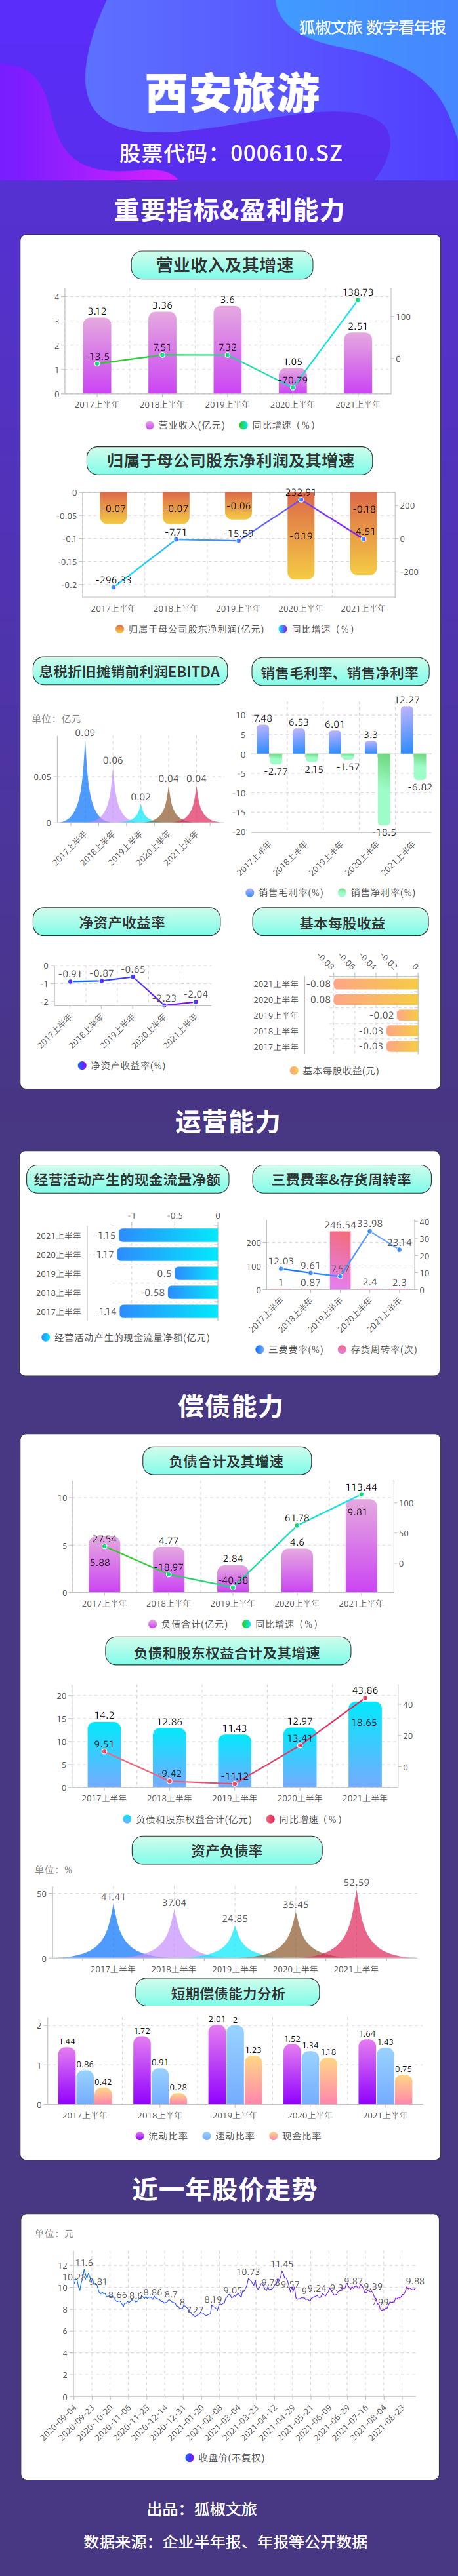 西安旅游:上半年营收2.51亿 商贸业务占比56.14%